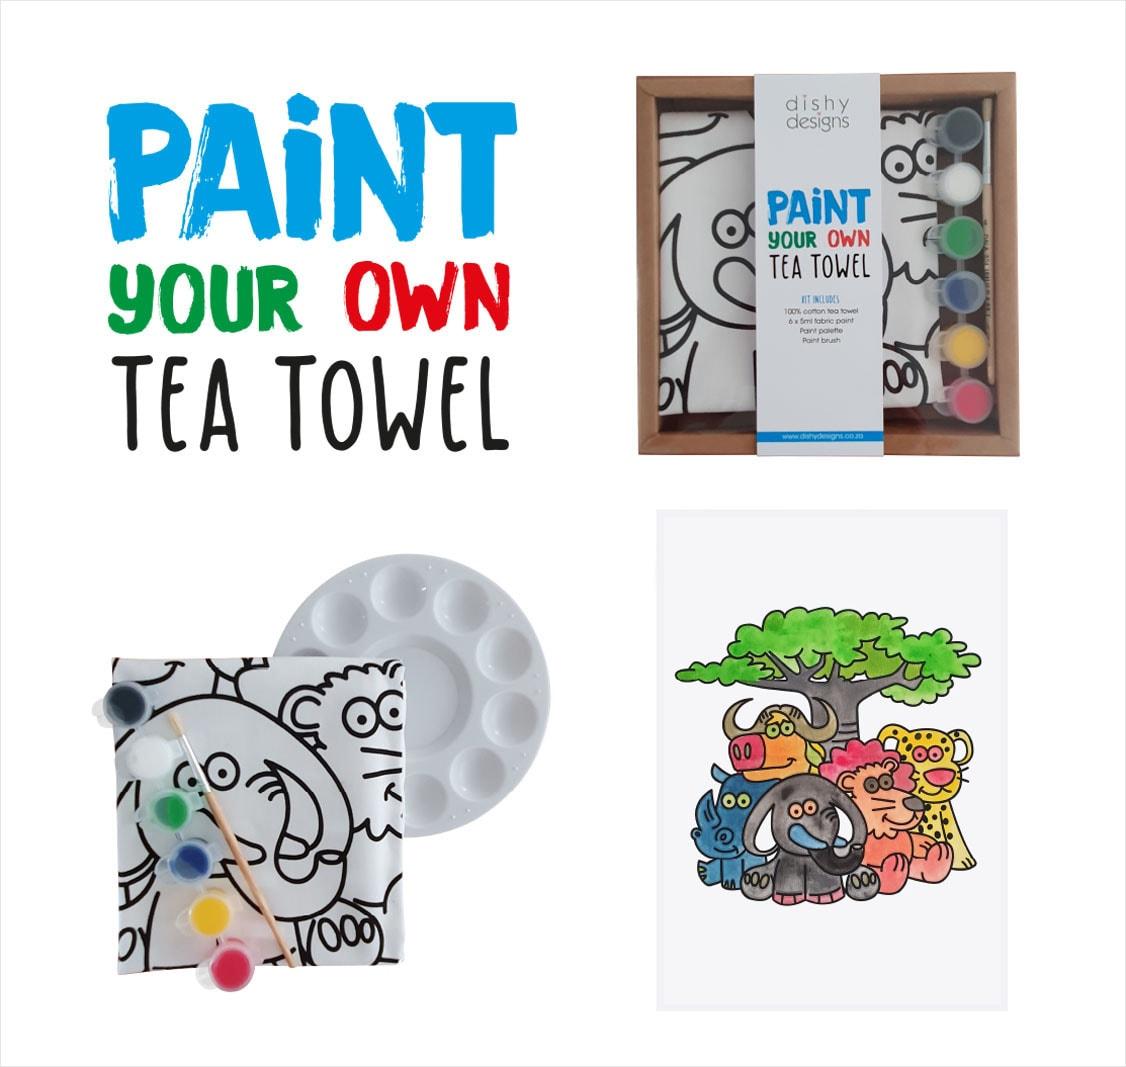 Paint your own tea towel